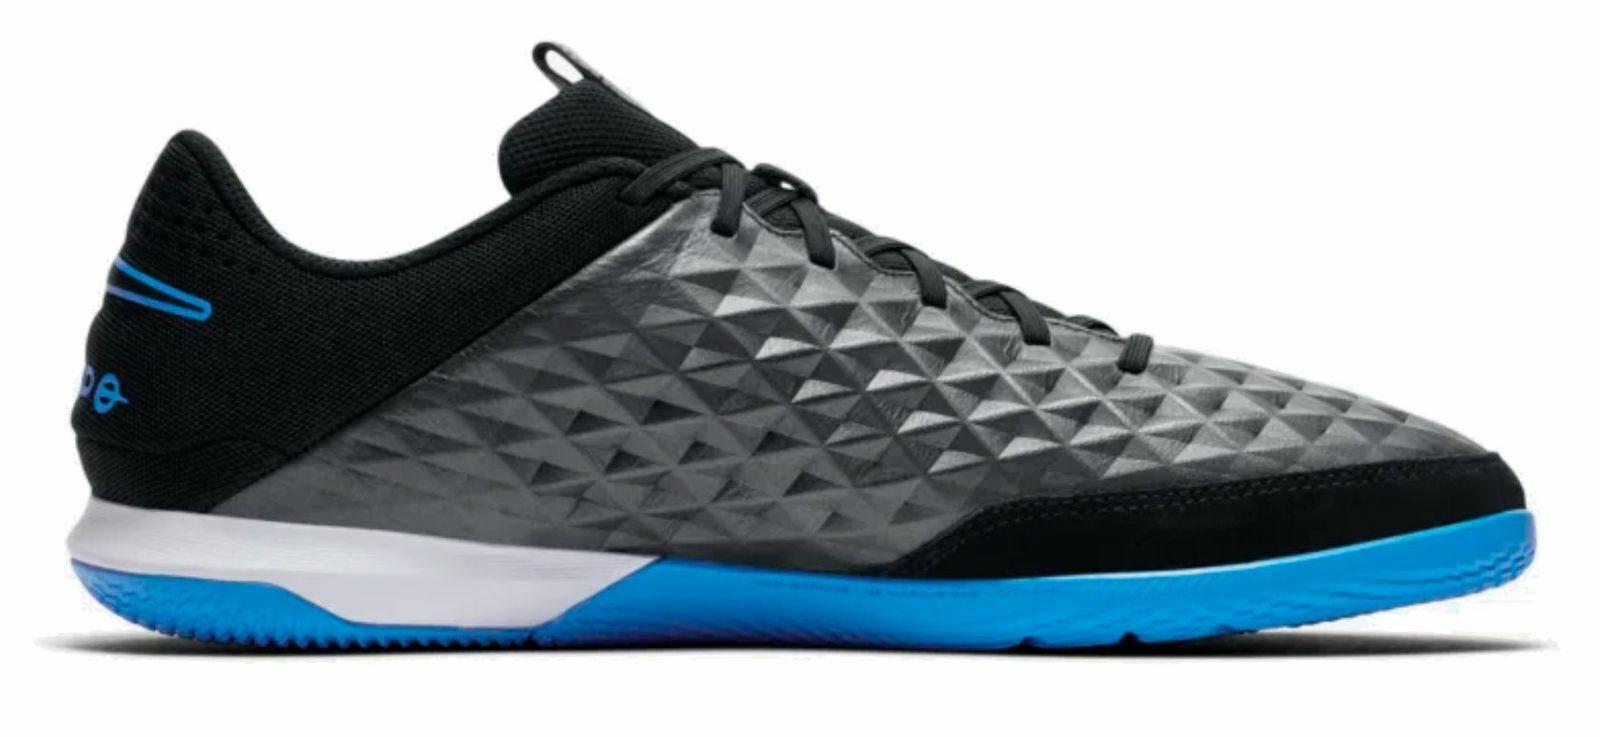 Nike Herren Hallenschuh Fußballschuhe Legend 8 Academy IC schwarz blau